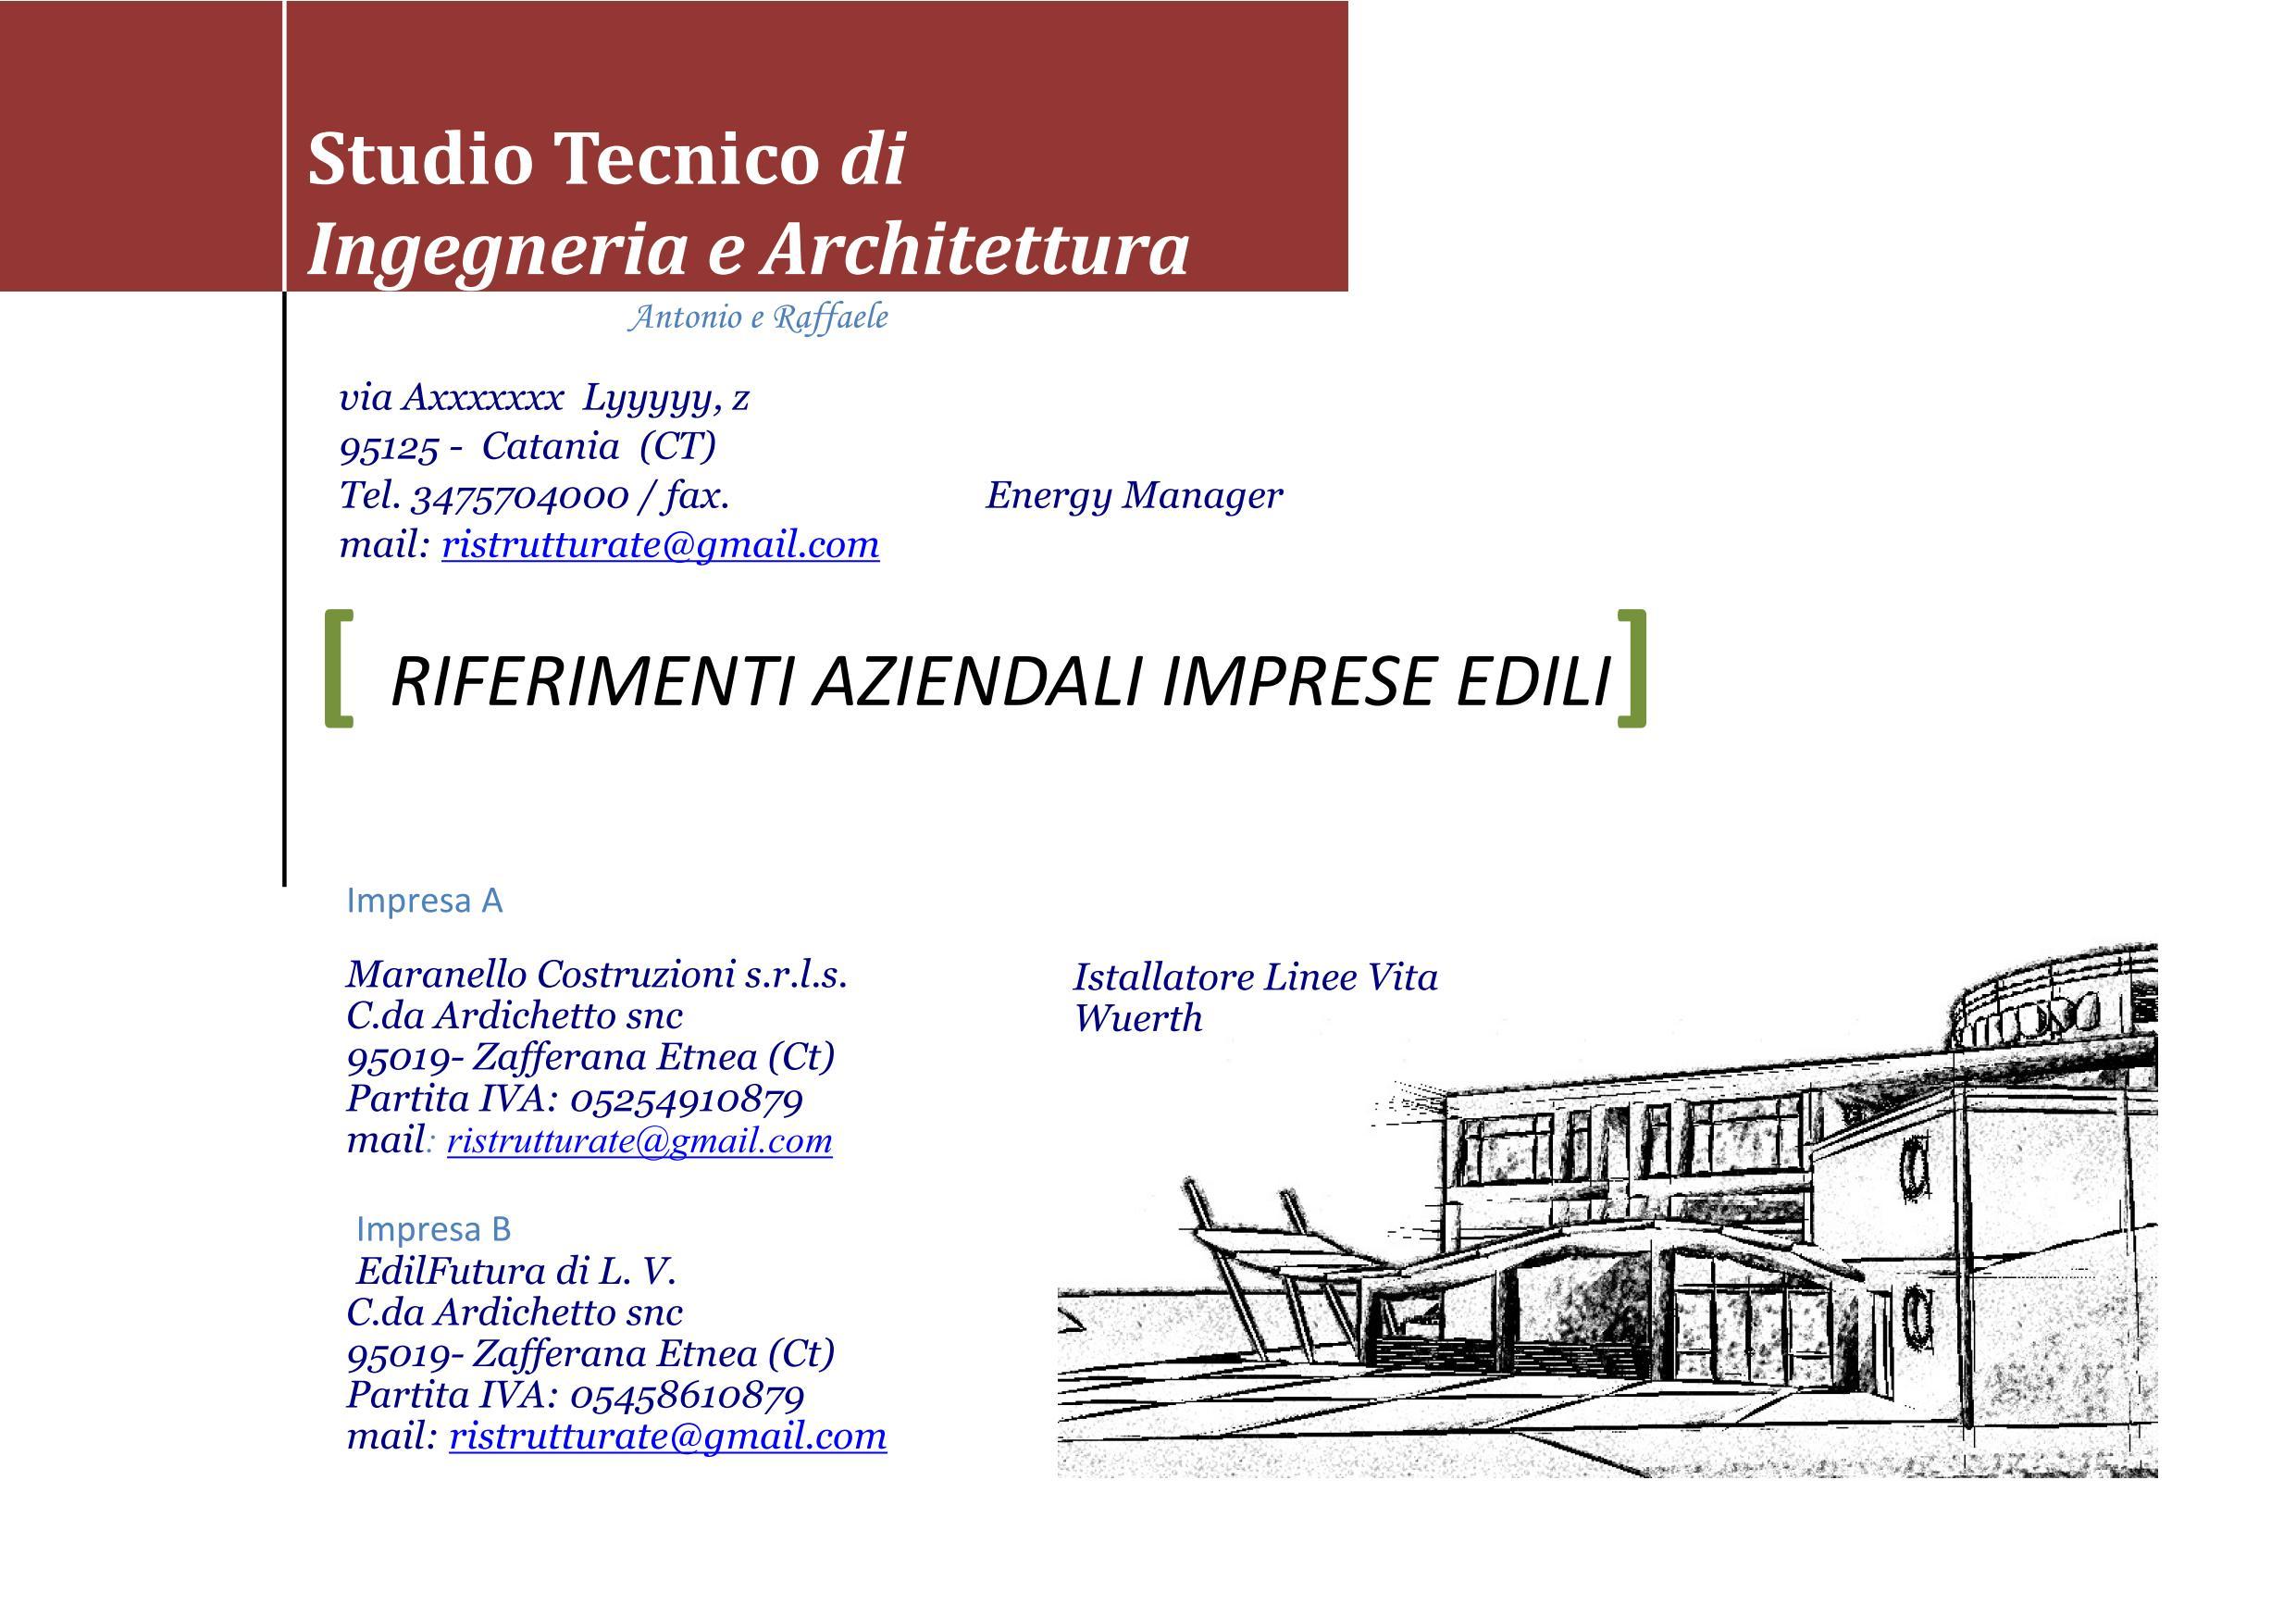 Lavoro Ingegnere Edile Architetto Catania maranello c. ed edilfutura. - zafferana etnea